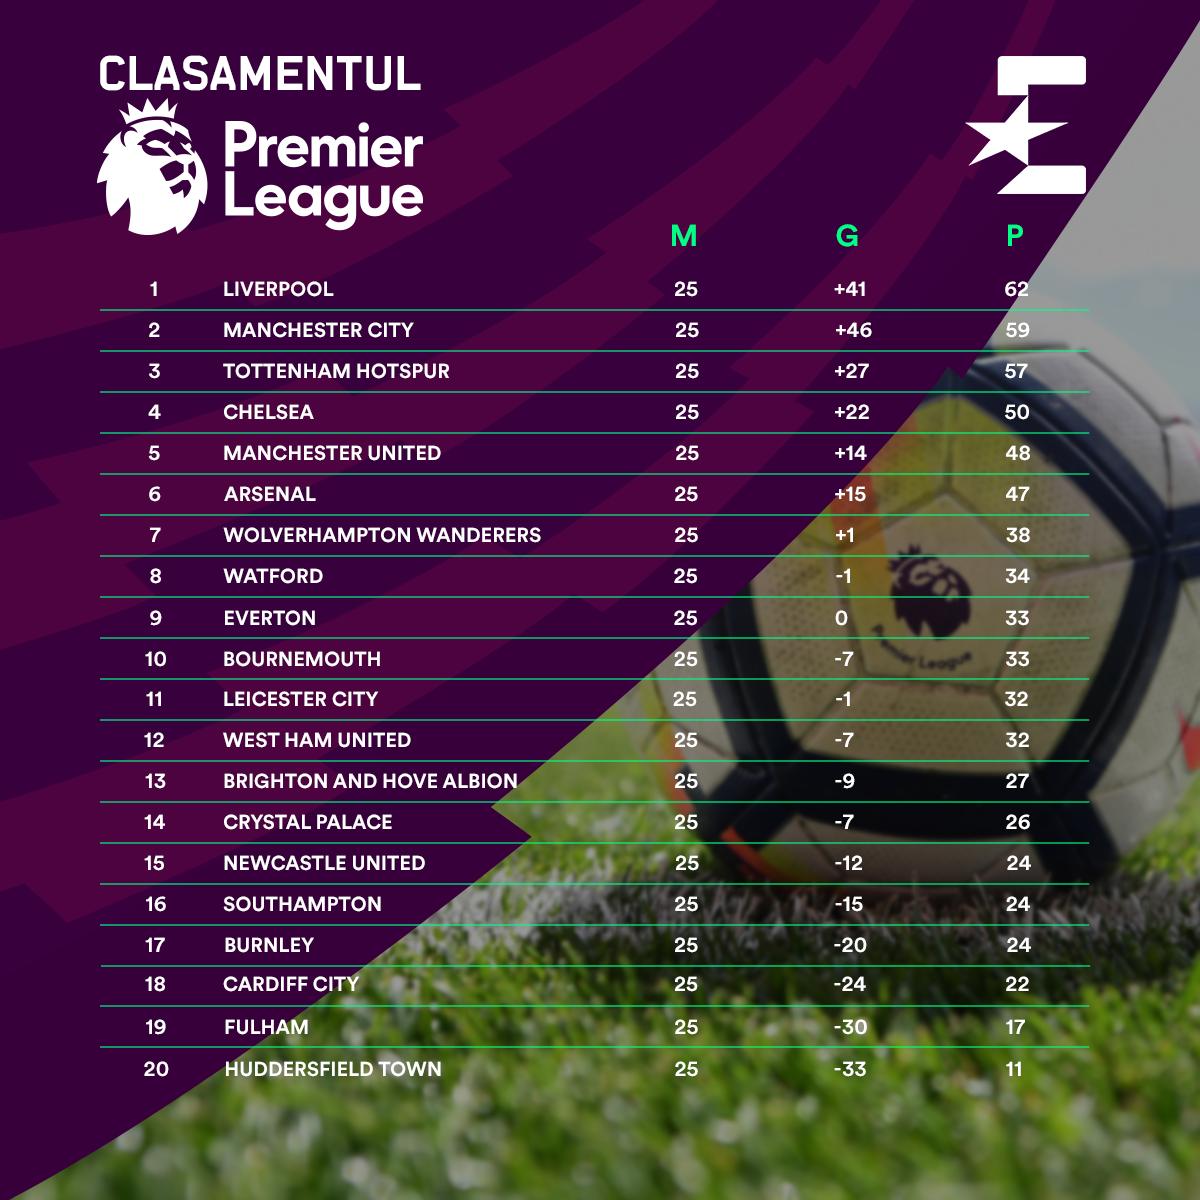 Premier League 2018-2019 table after 25 rounds